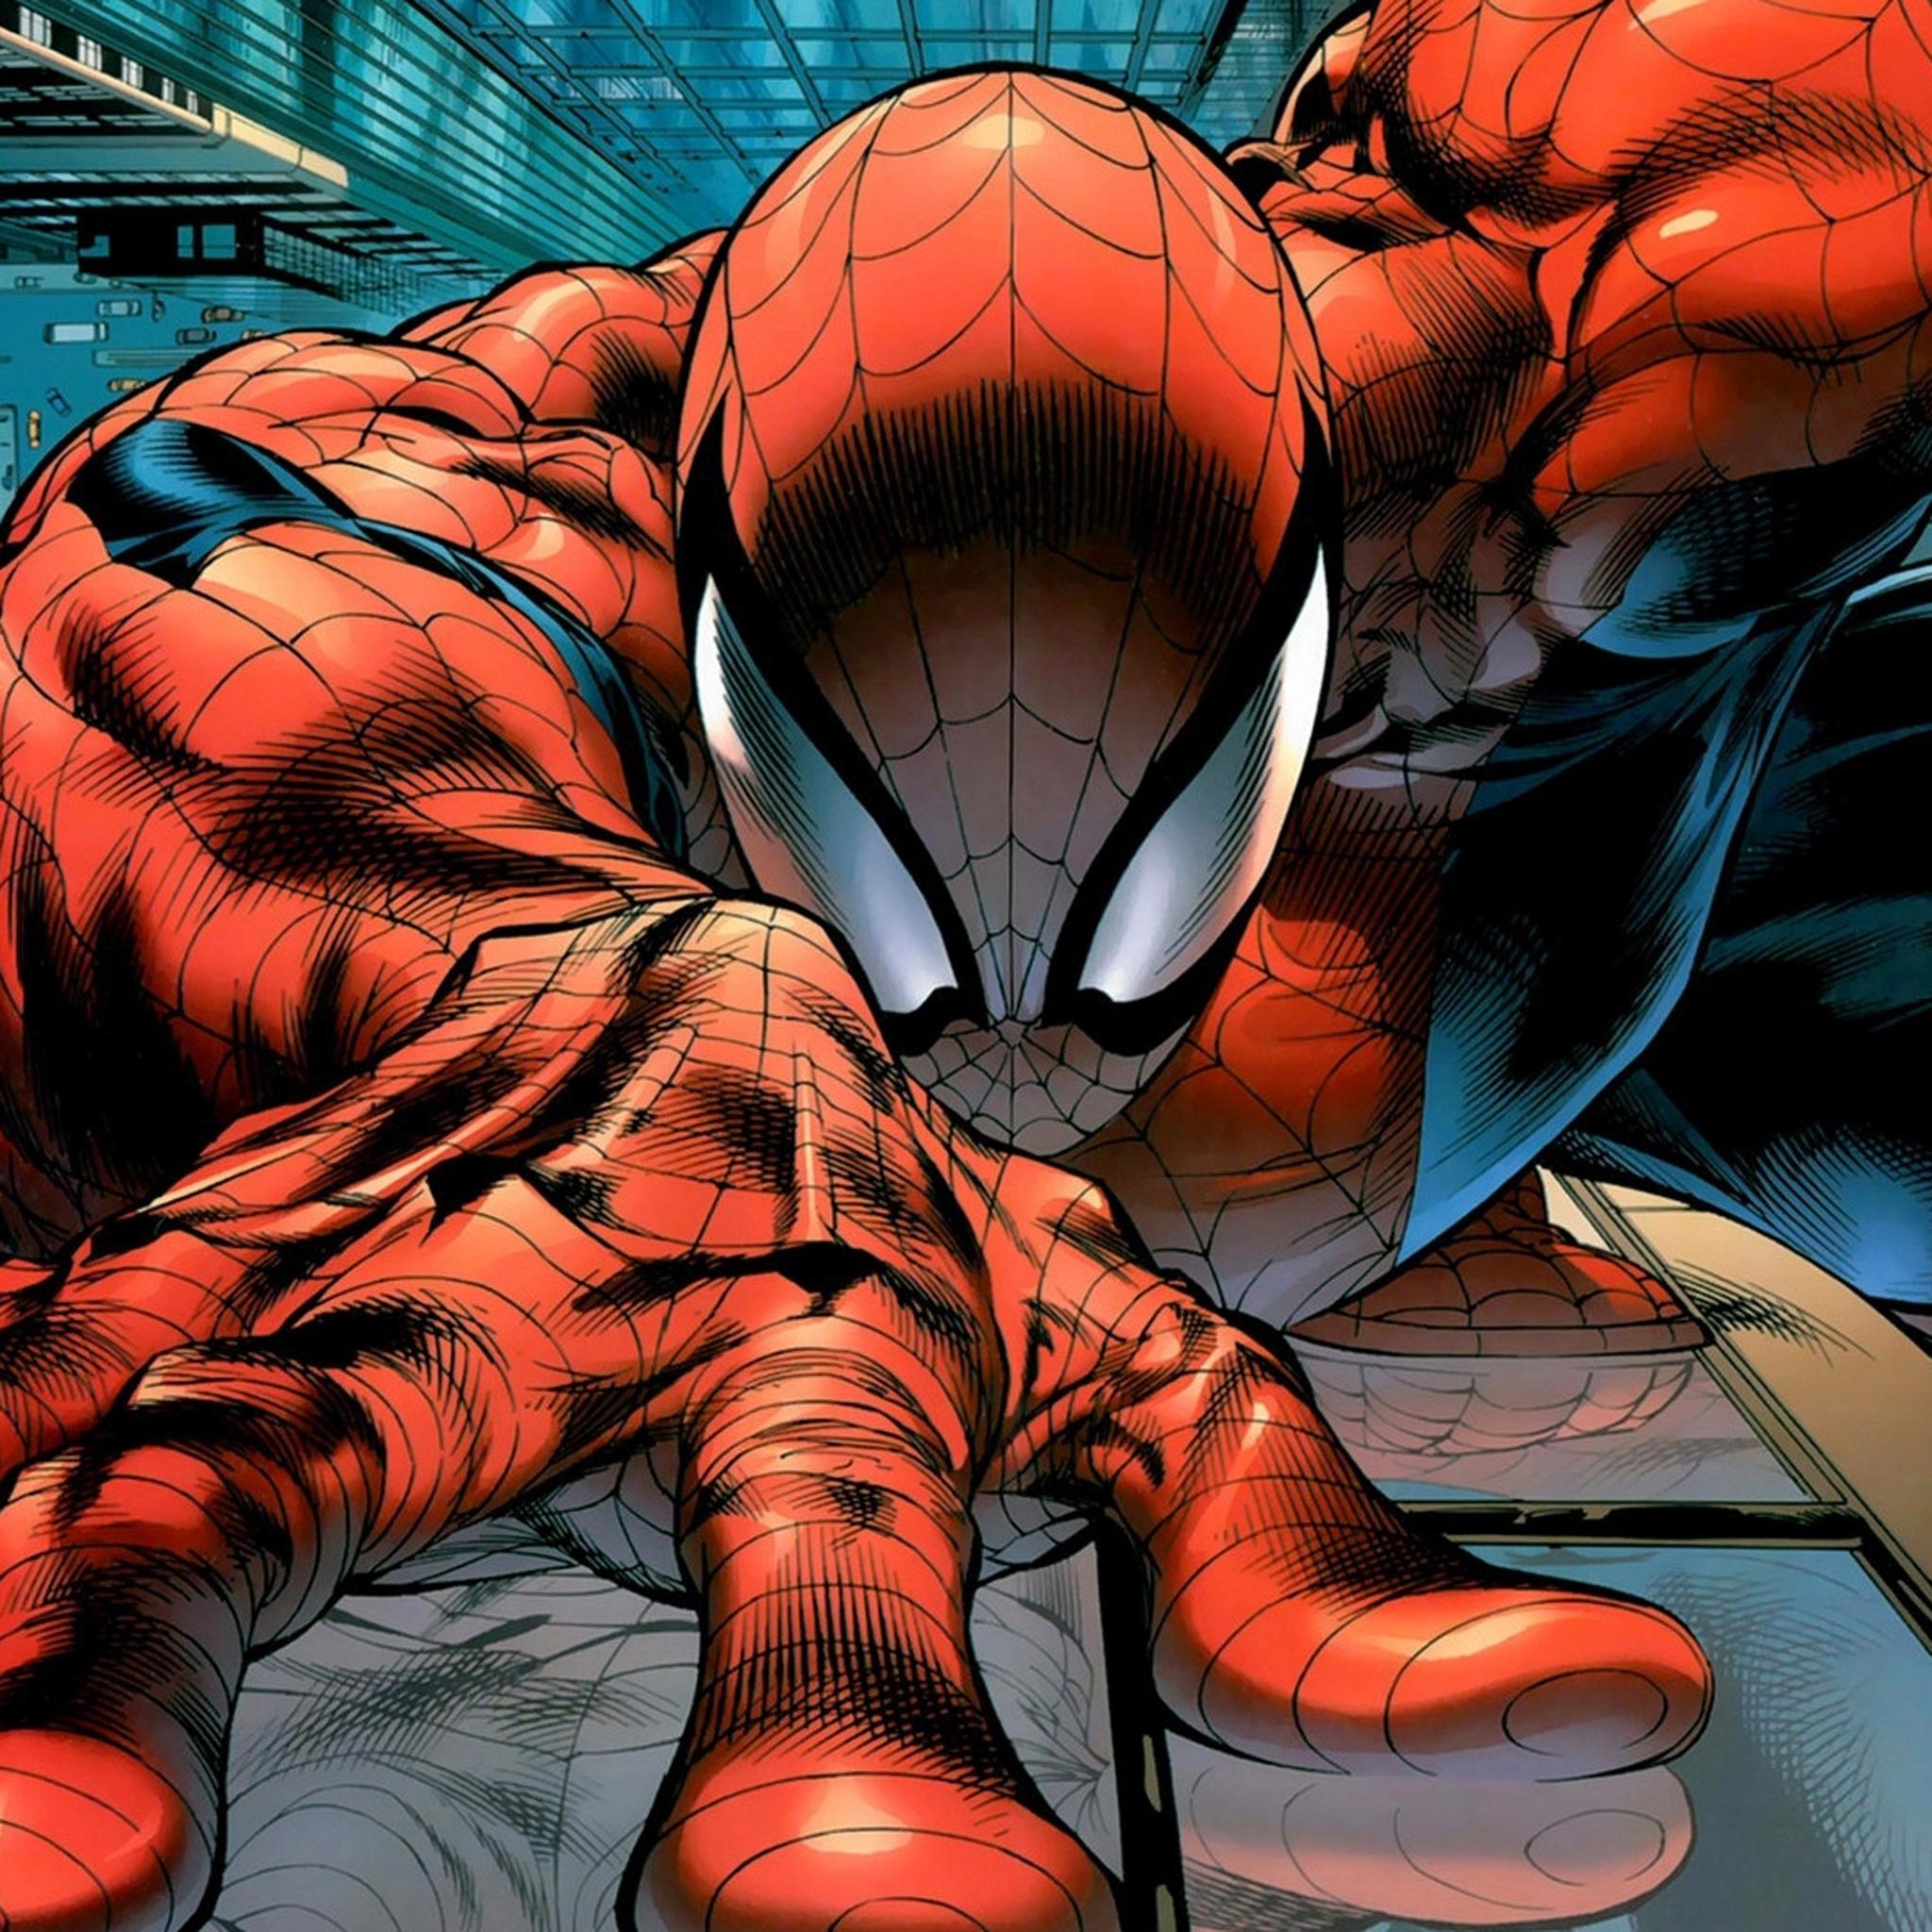 蜘蛛侠 动漫 卡通 漫威 苹果手机高清壁纸 2048x2048